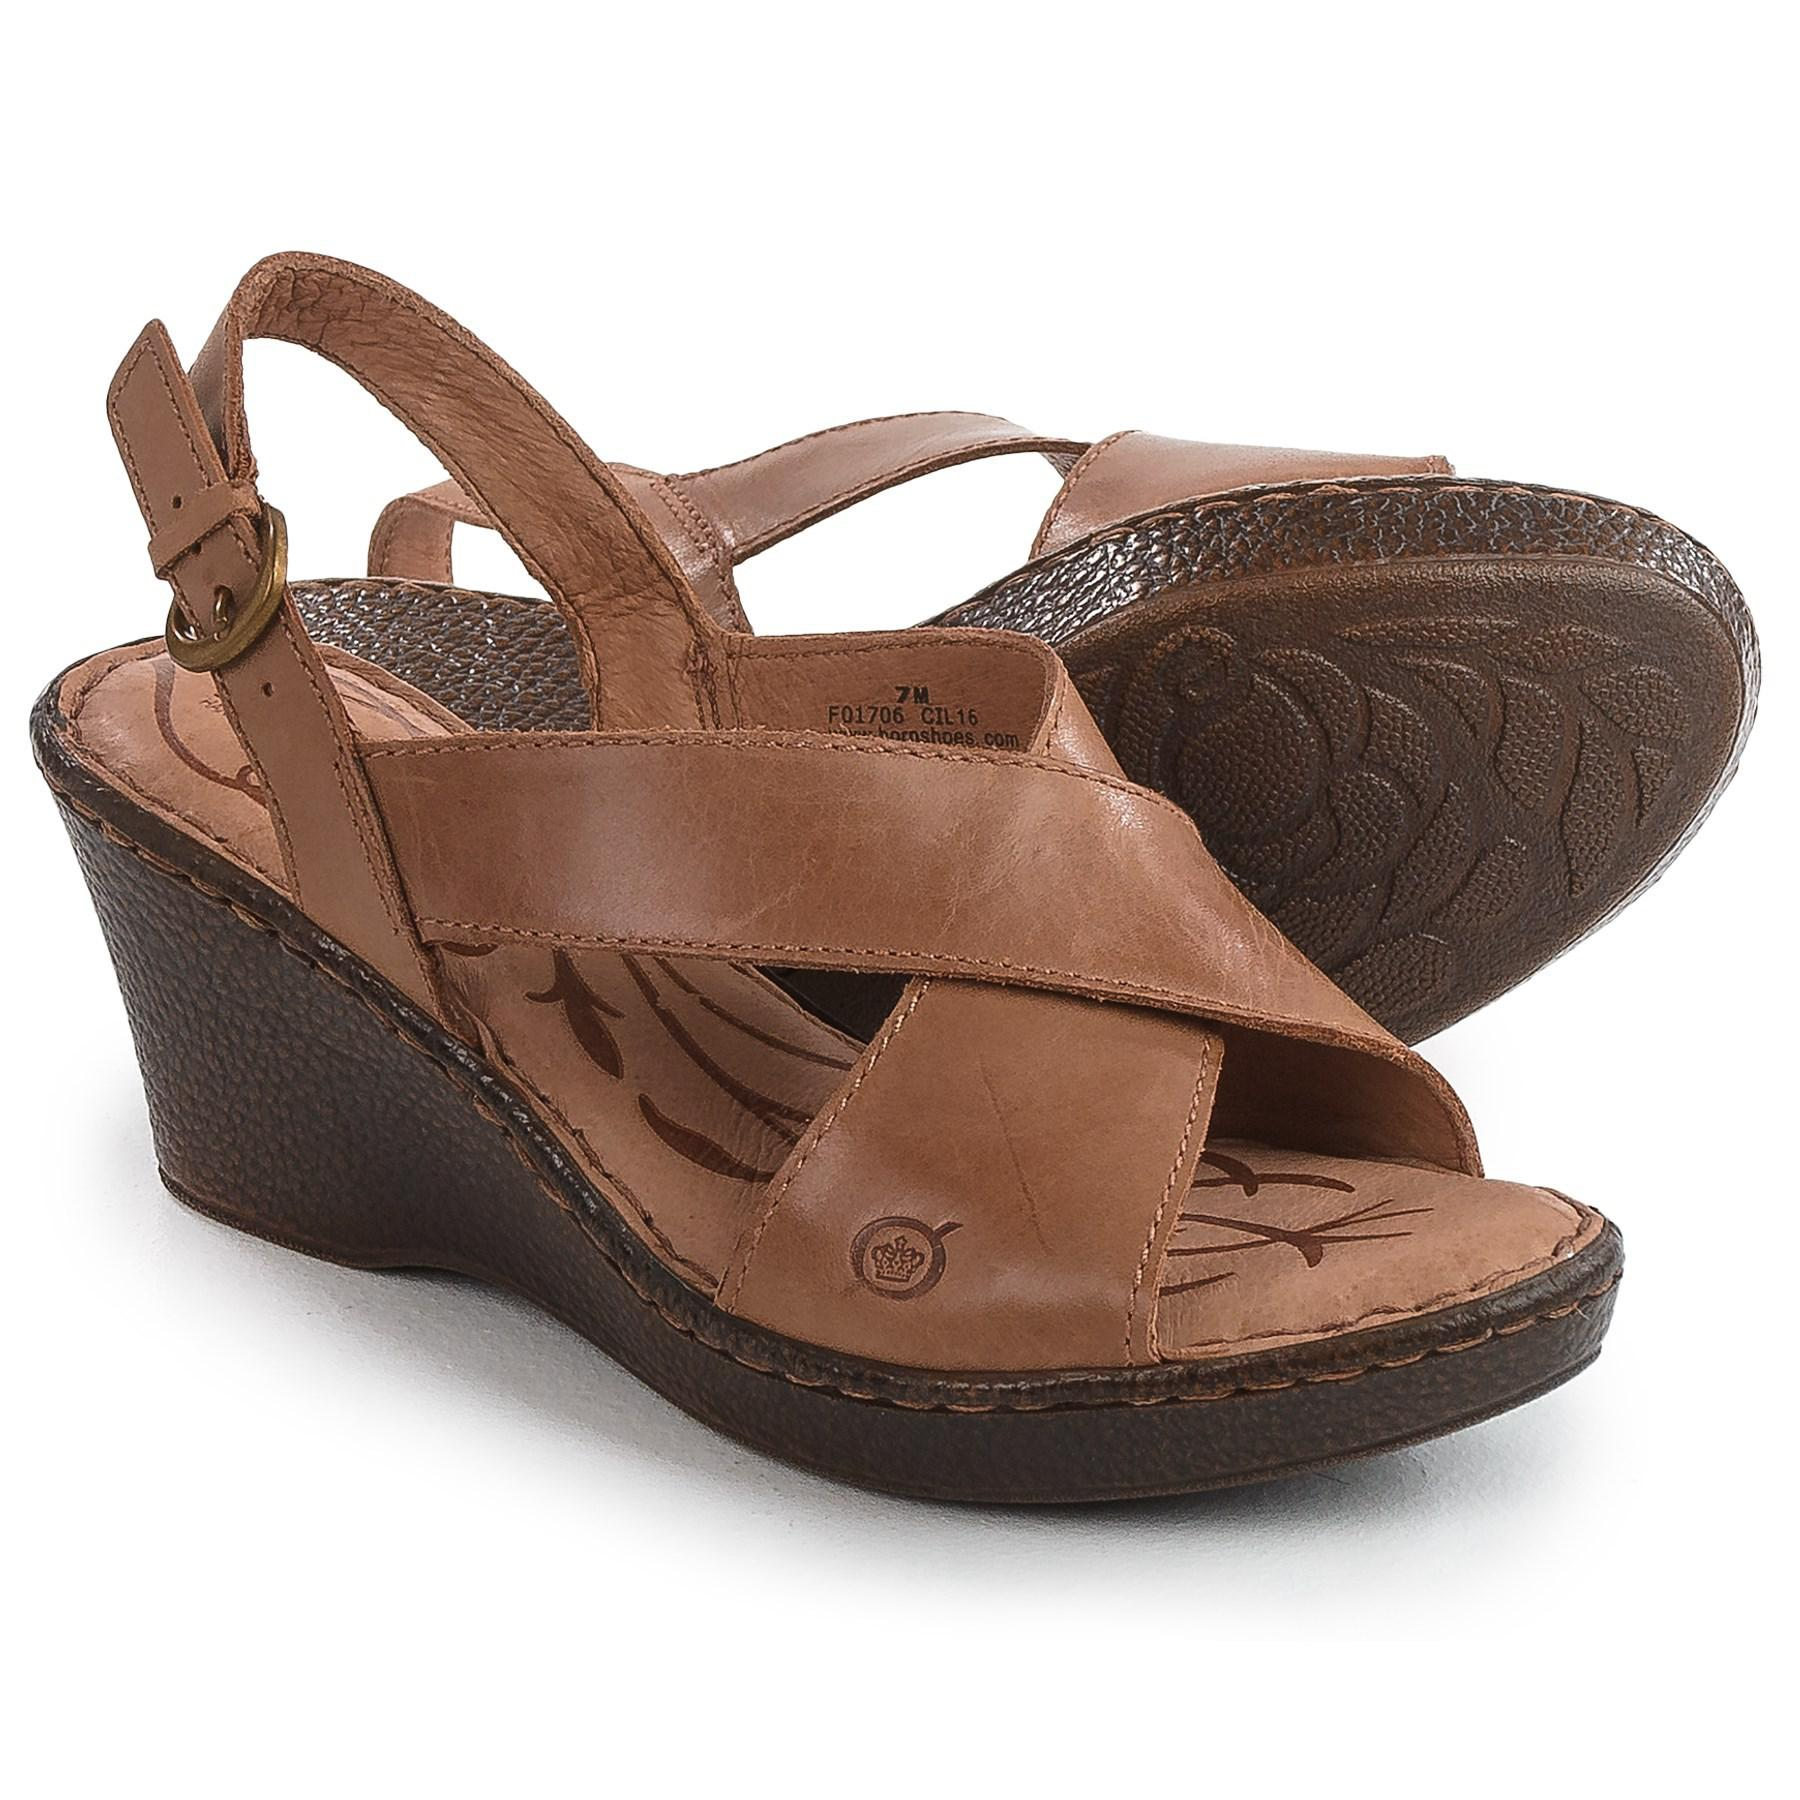 c3a7ddda3755 Lyst - Born Ashley Cross-strap Wedge Sandals in Brown